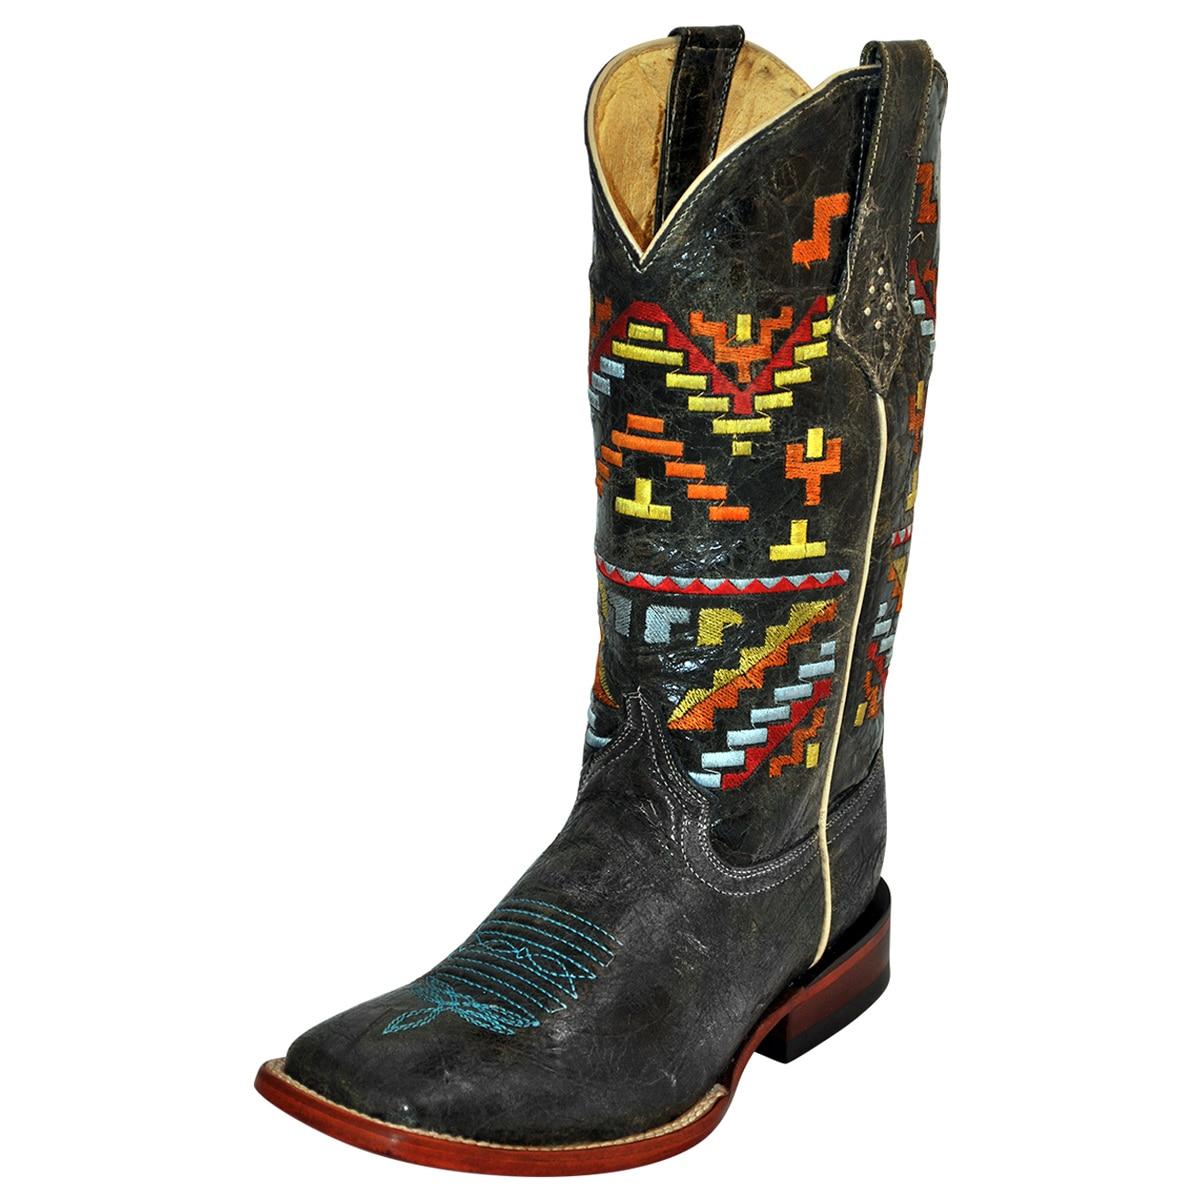 Ferrini Women's Aztec Cowgirl Wide Square Toe Boots